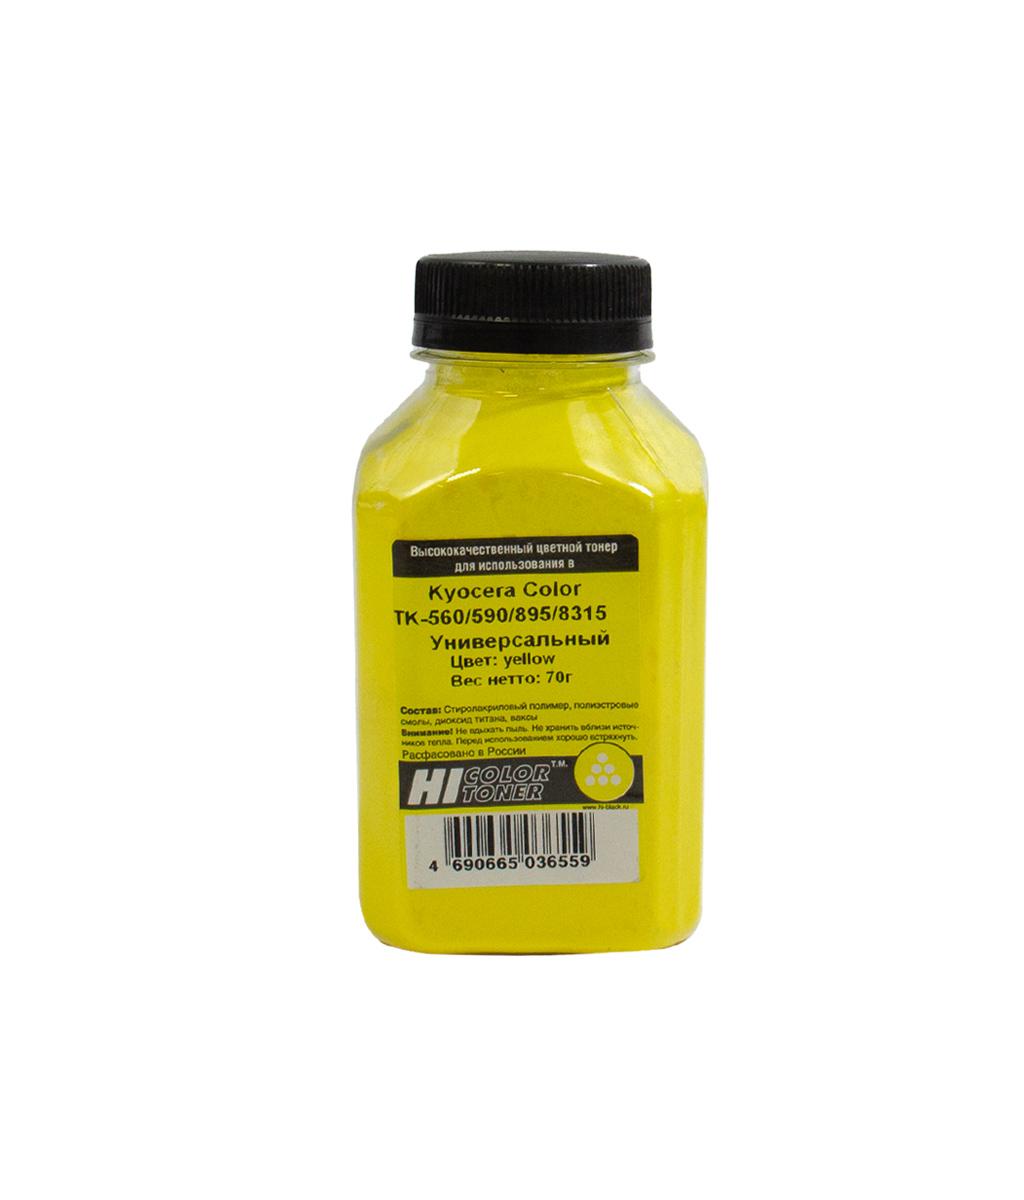 Тонер Hi-Black для Kyocera Color TK-560Y/590Y/895Y/8315Y, Y,70 г, банка